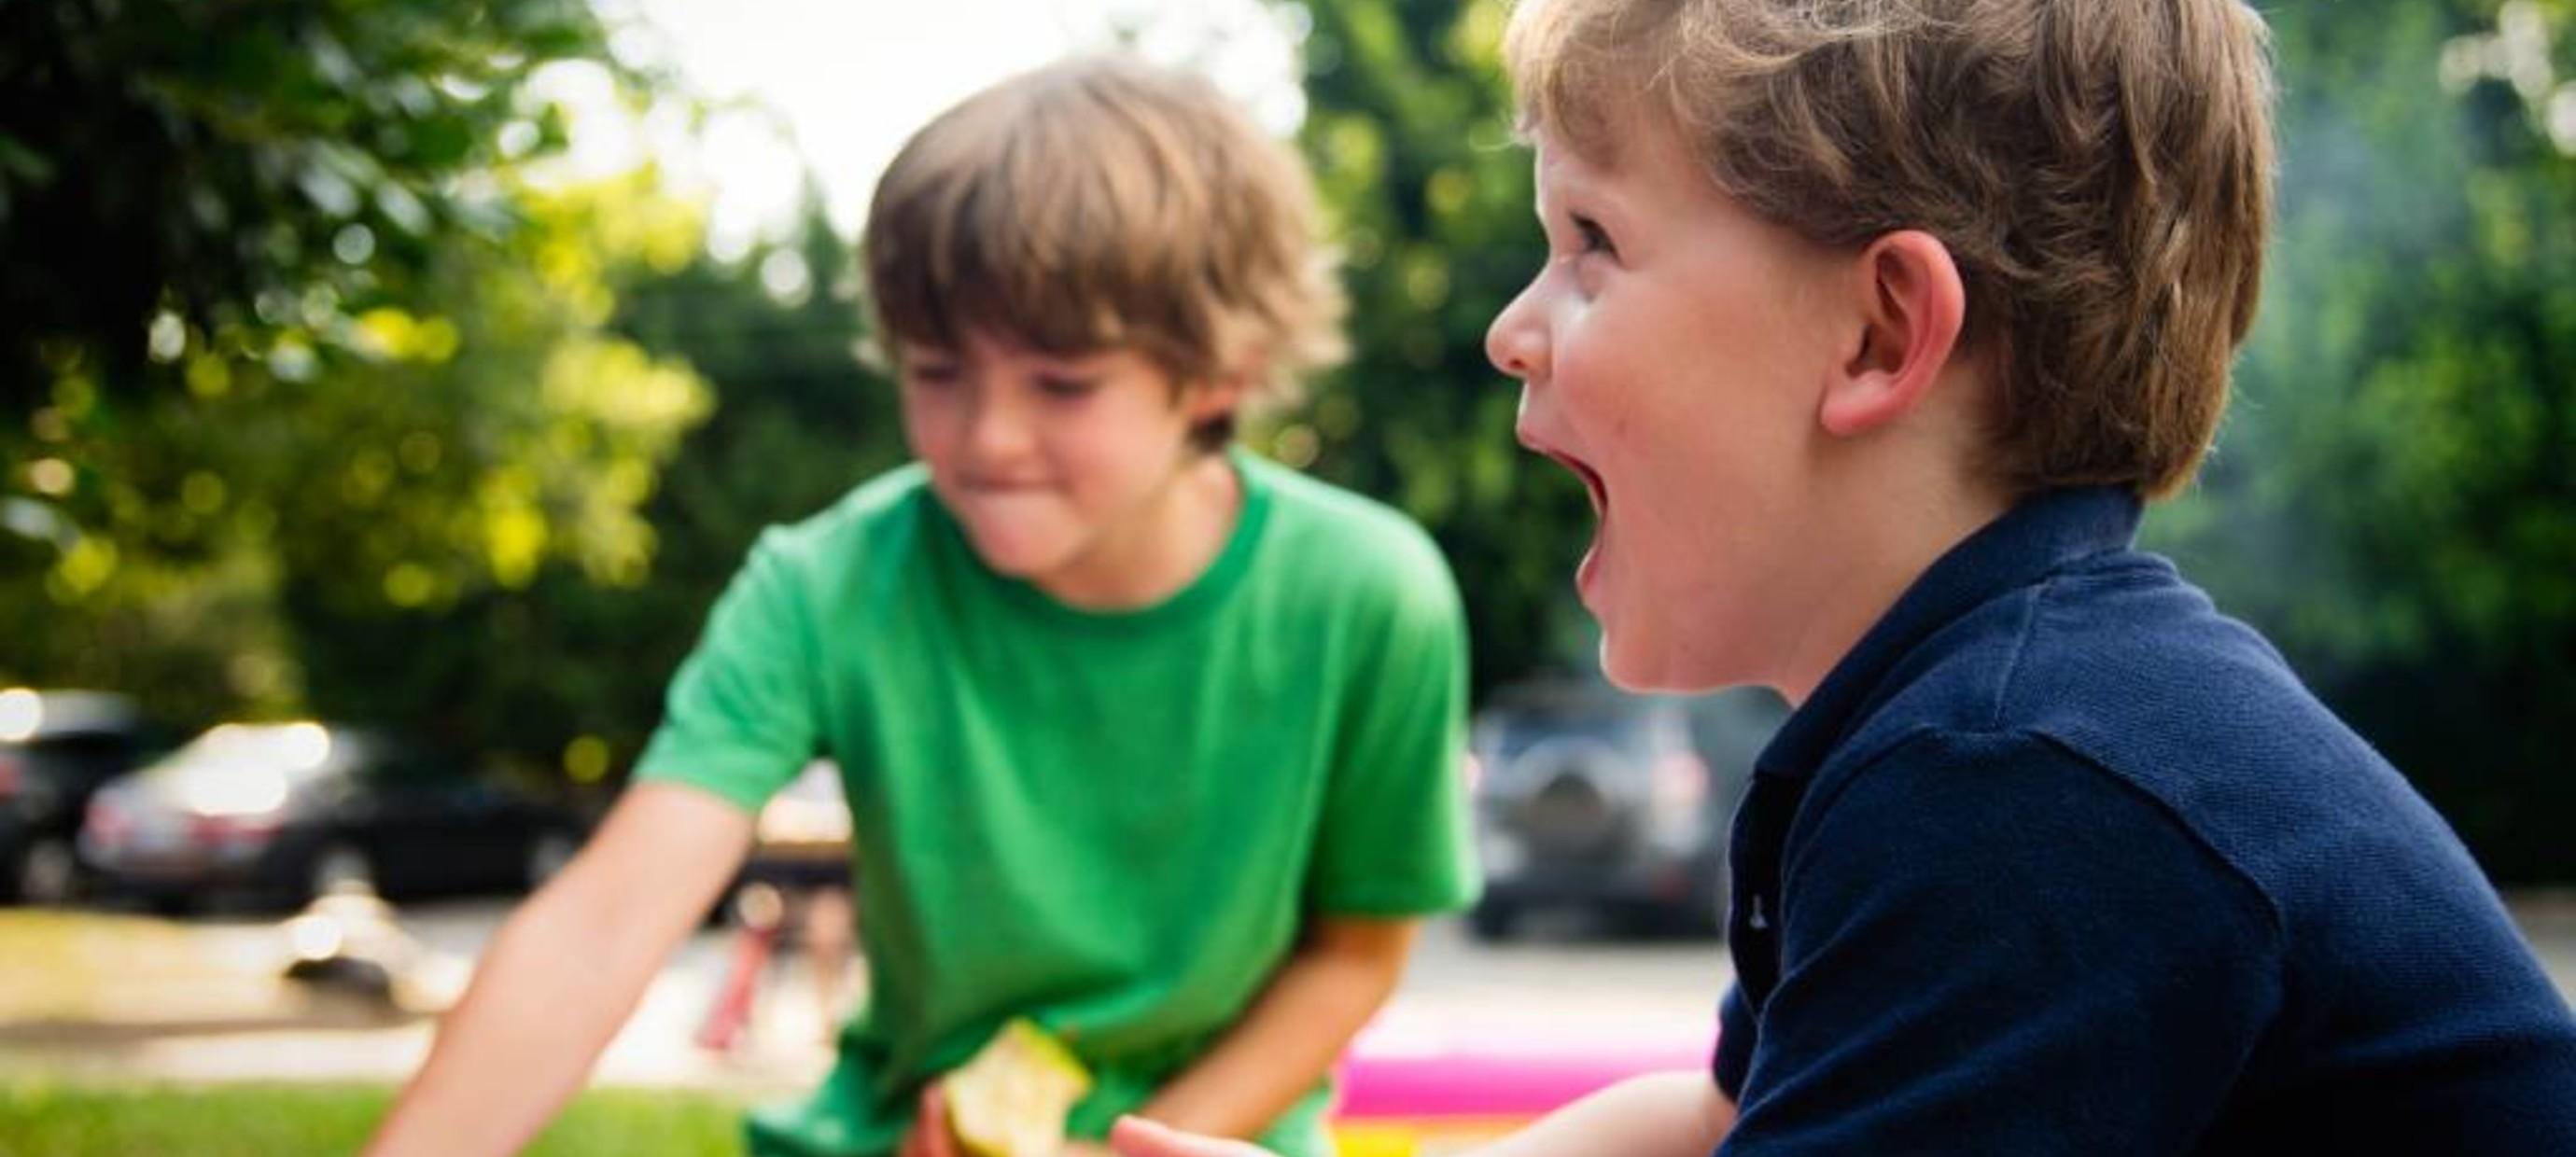 Zo creëer je meer qualitytime met je kinderen